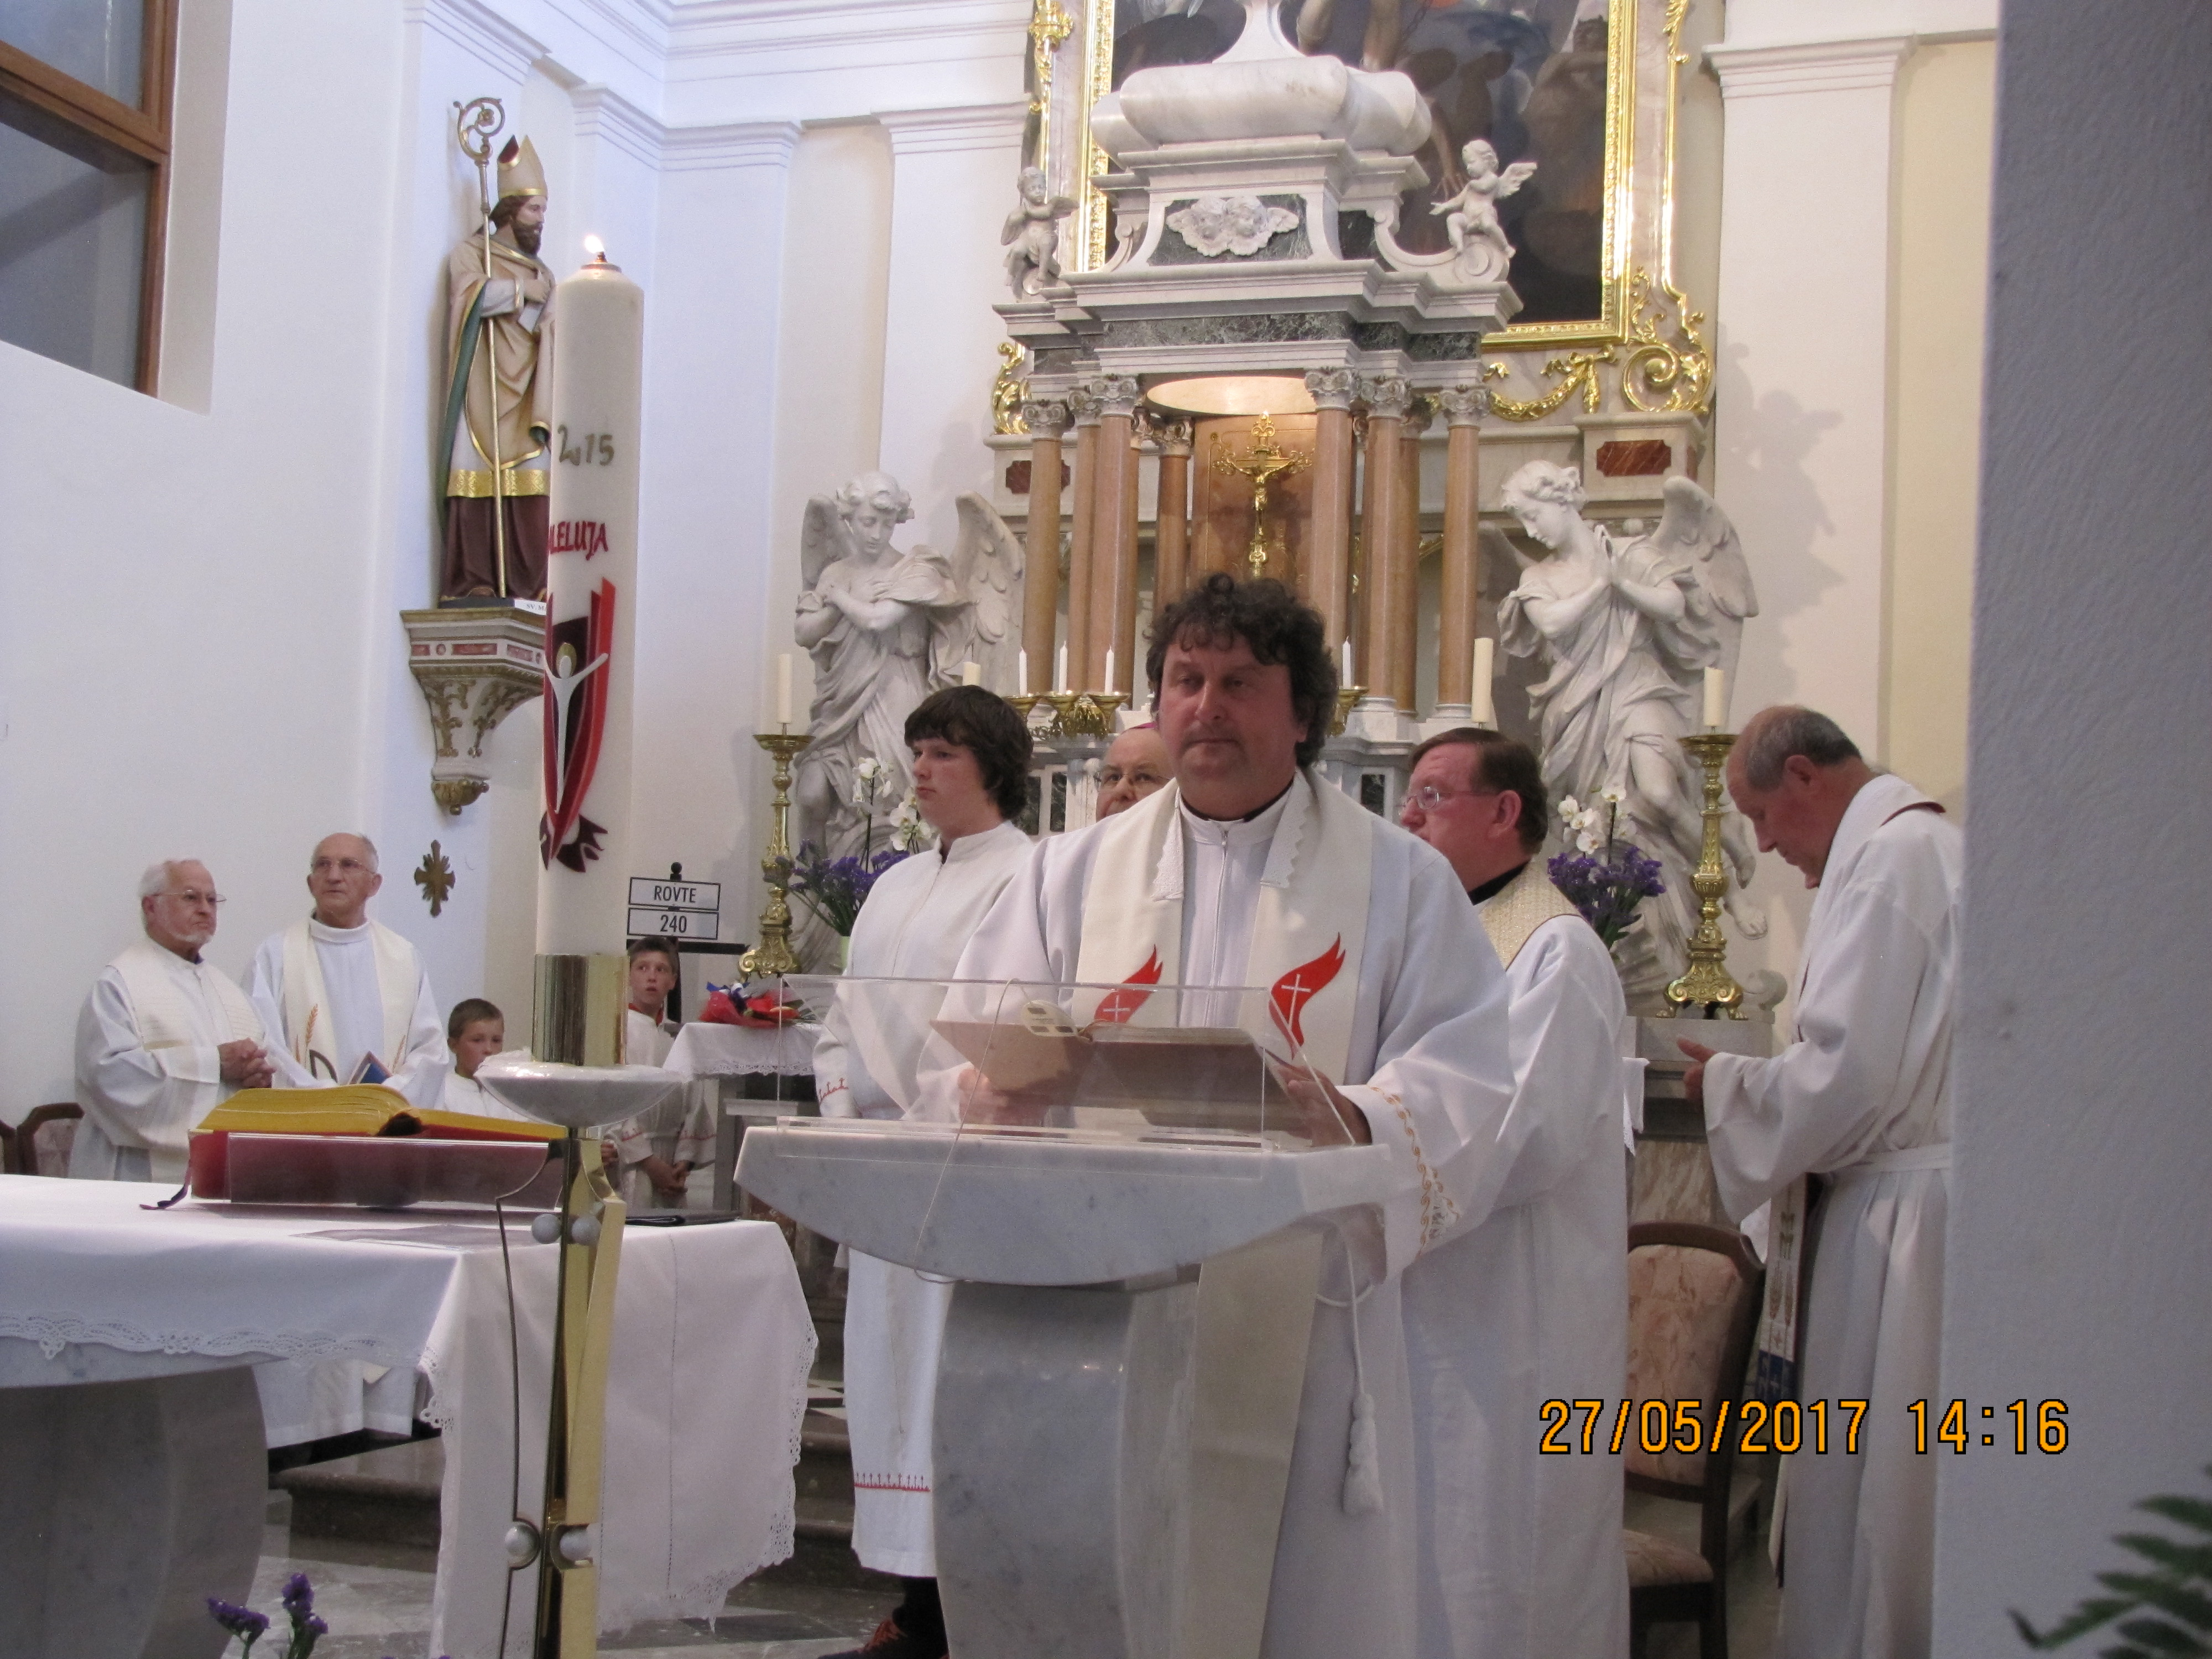 Evangelij - Kancijan Cizman